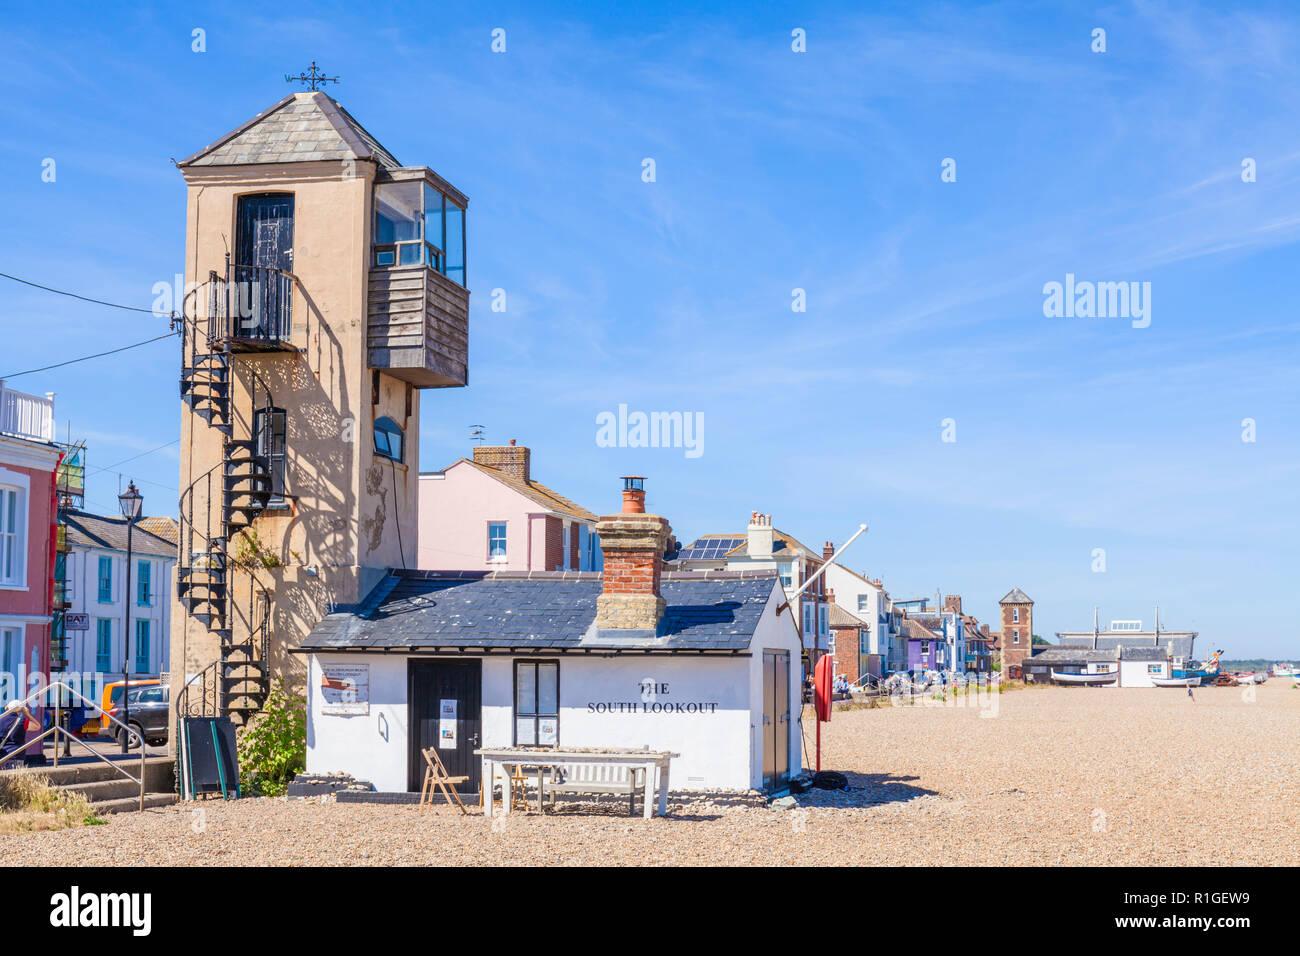 Aldeburgh Suffolk Aldeburgh beach spiaggia ghiaiosa spiaggia ghiaiosa con la mitica Torre della spiaggia di Aldeburgh Lookout arte internazionale destinazione REGNO UNITO Immagini Stock